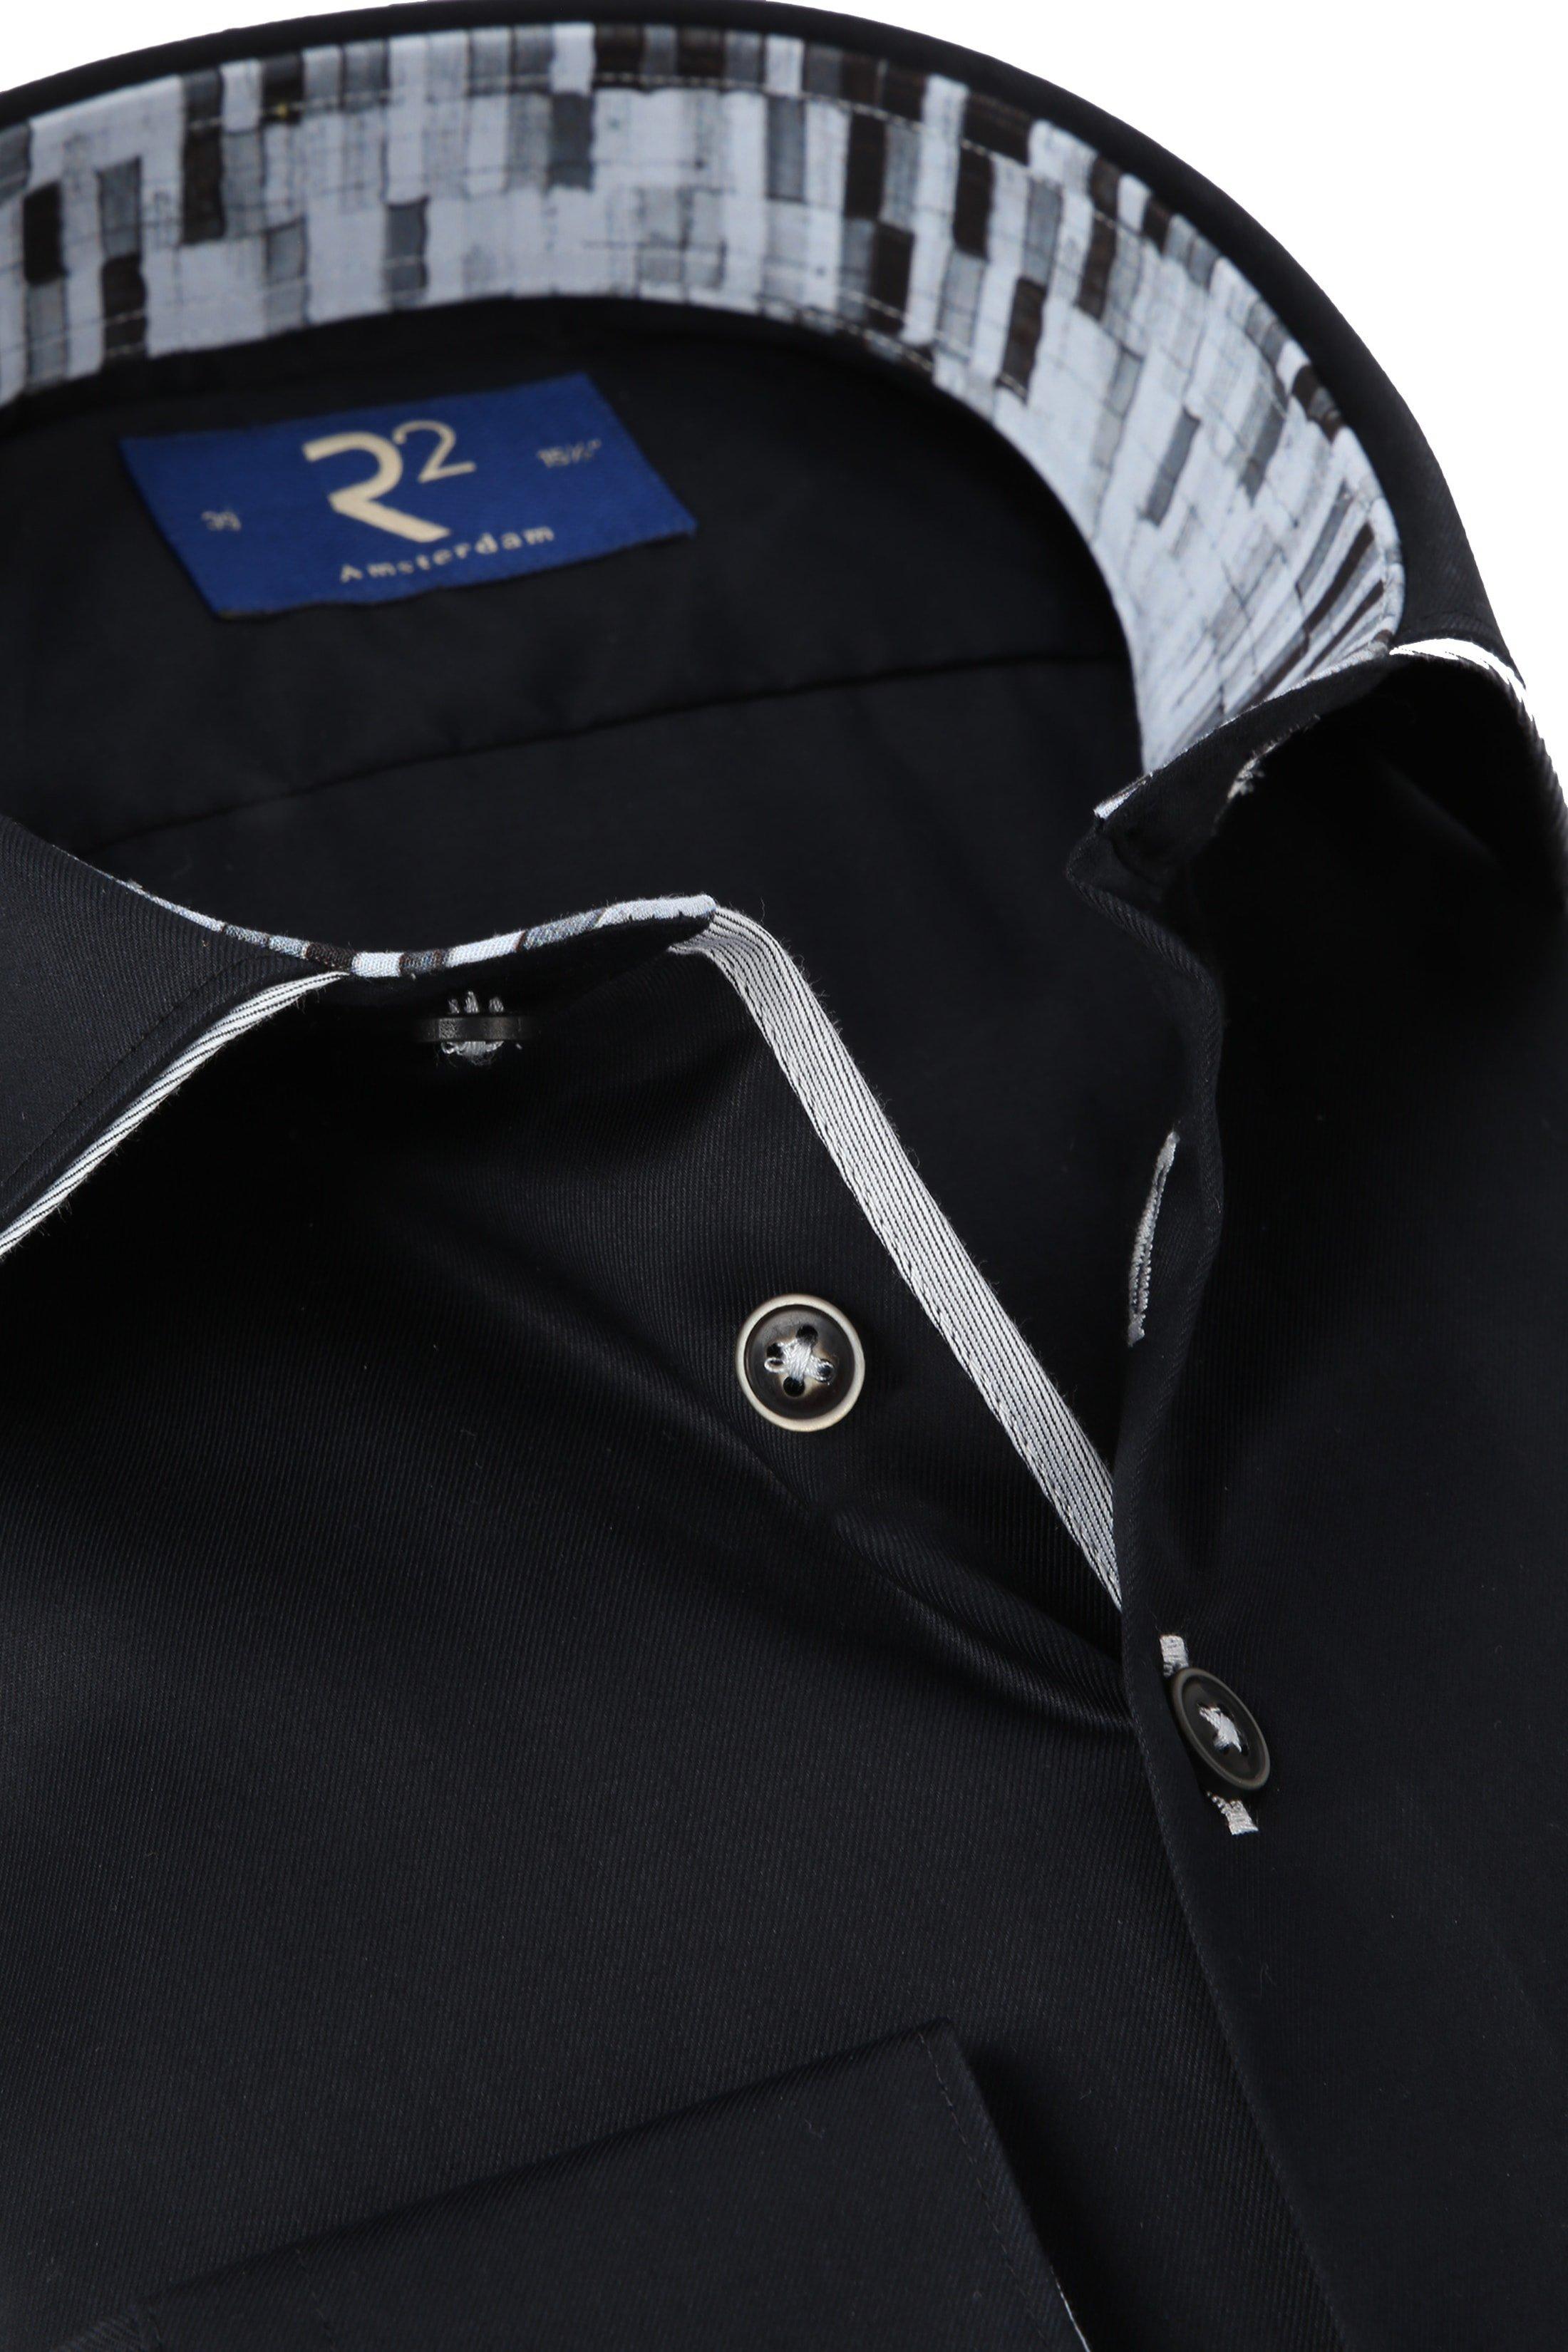 R2 Overhemd Twill Zwart foto 1